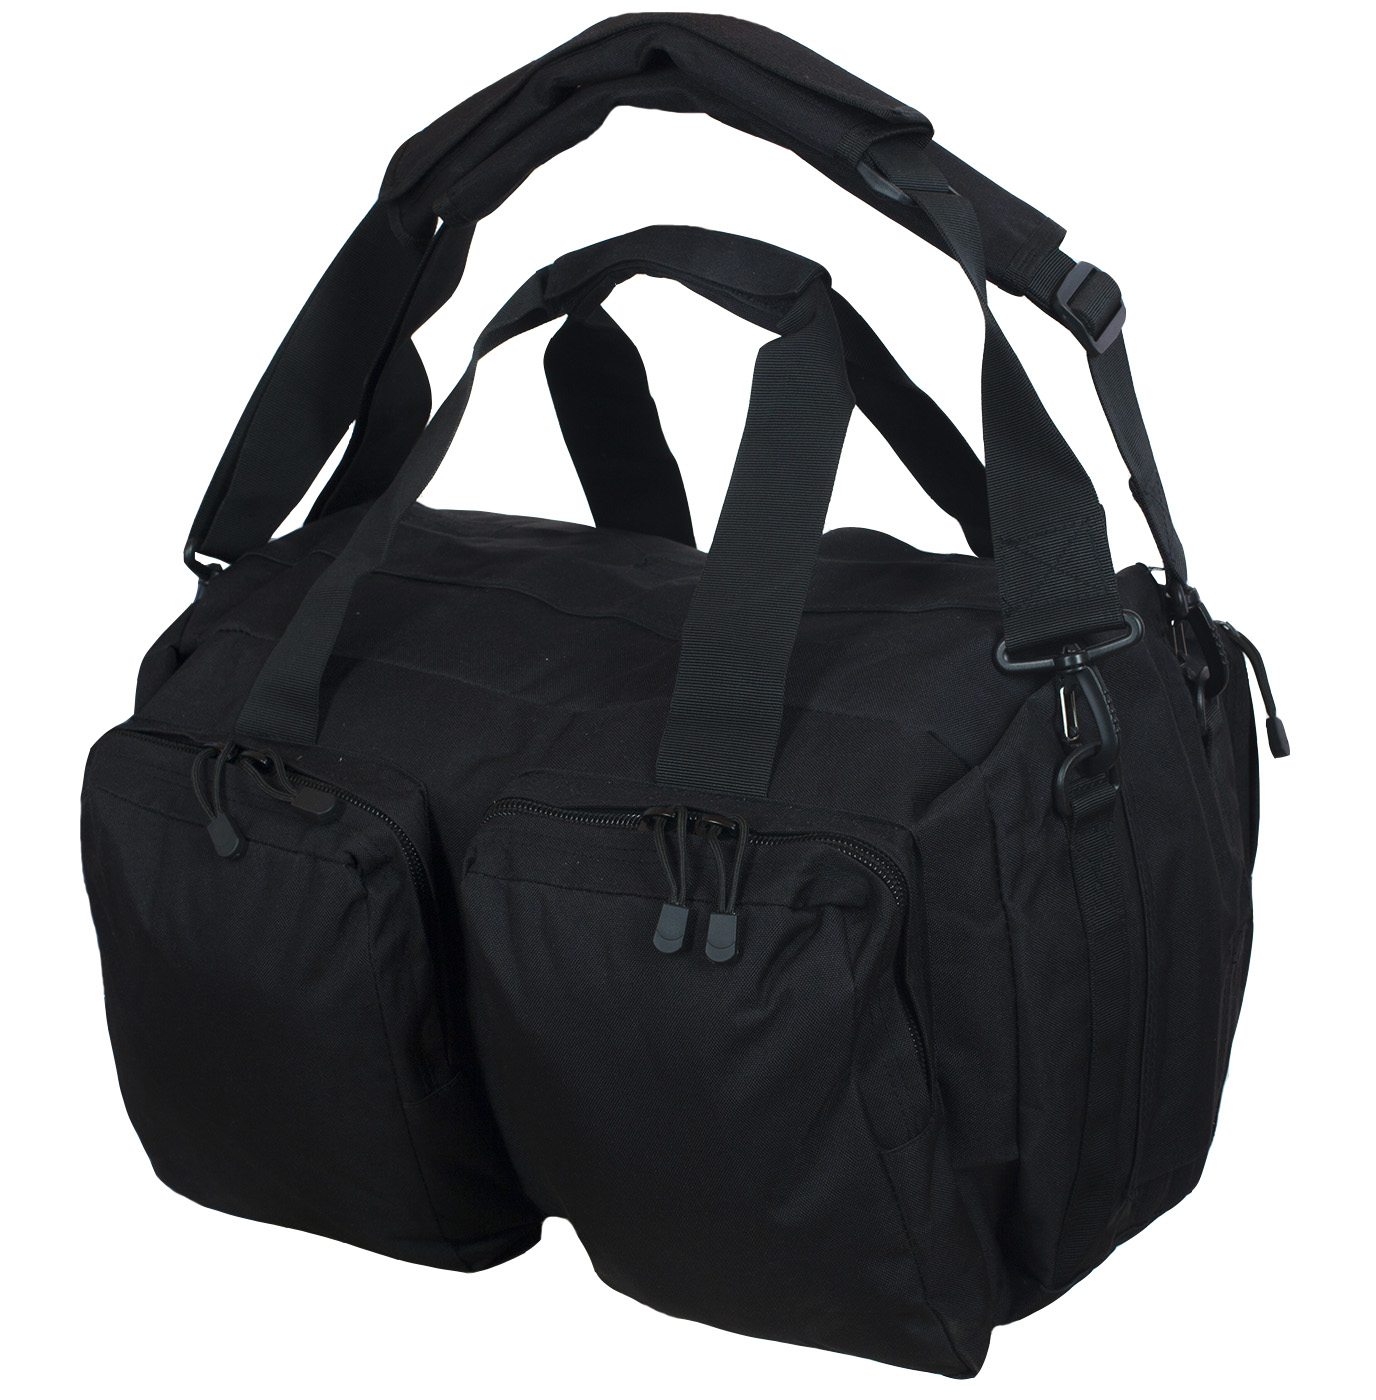 Надежная тактическая сумка-баул ВМФ